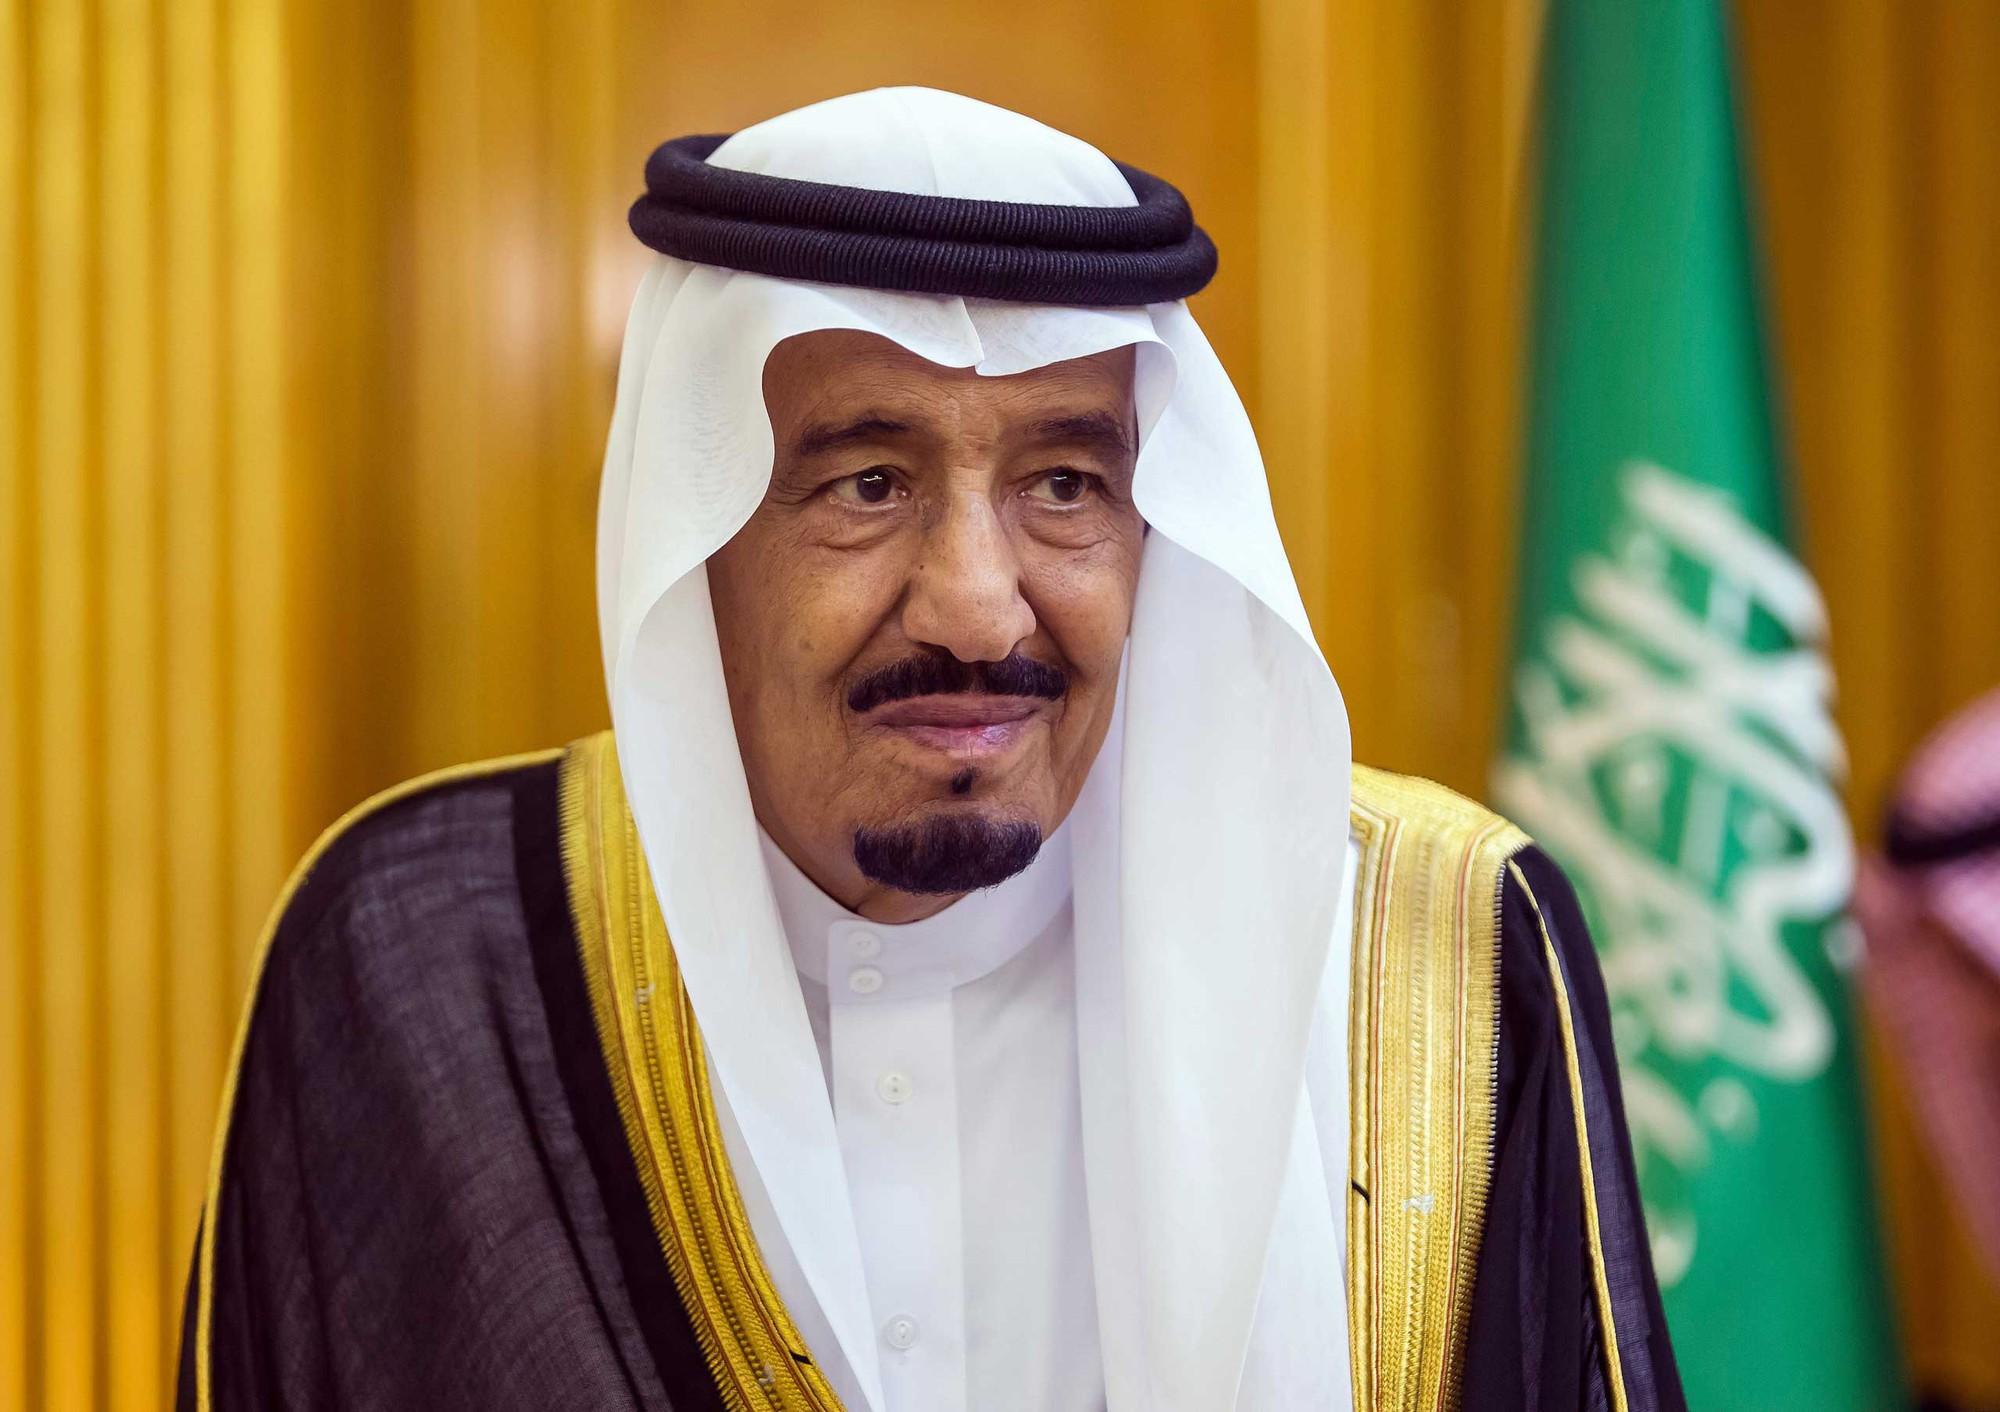 King Salman bin Abdul Aziz al-Saud